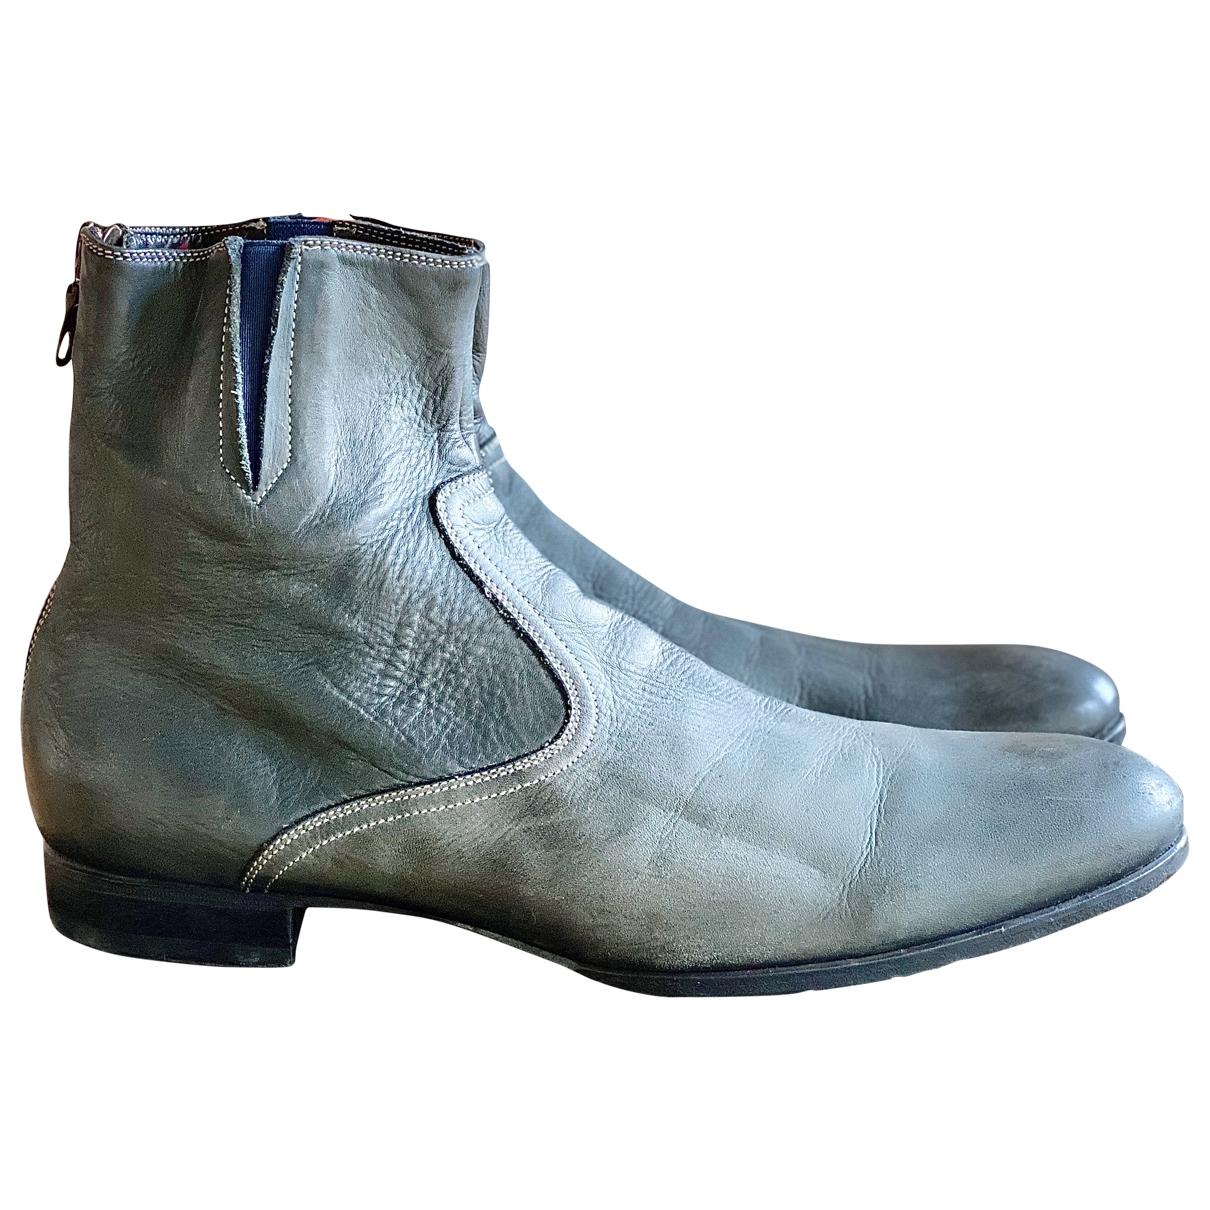 Paul Smith \N Stiefel in  Grau Leder